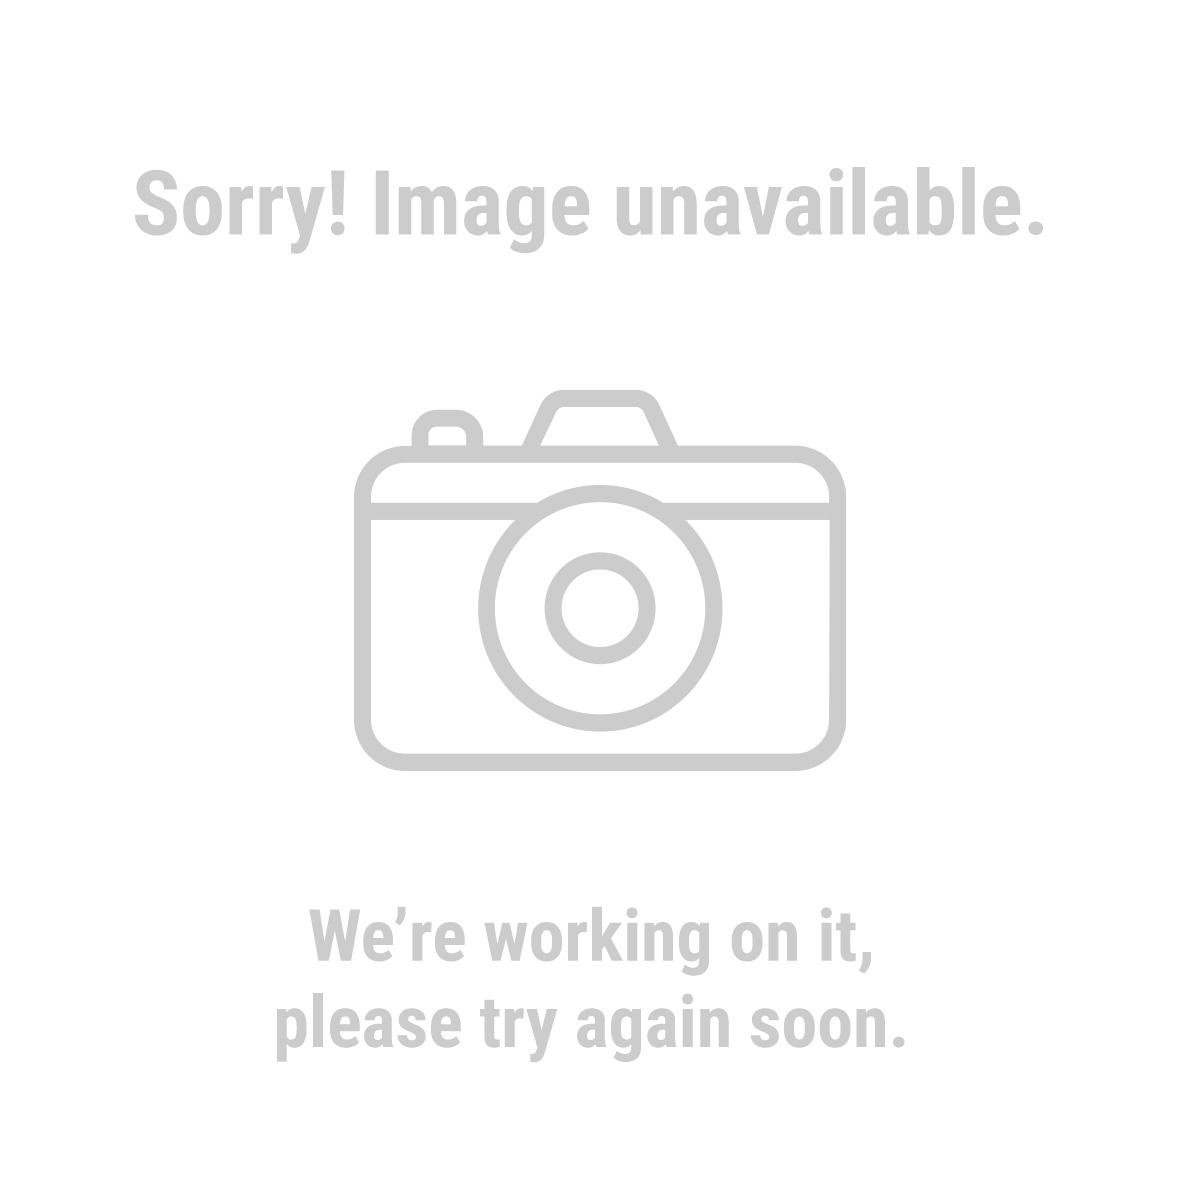 Haul-Master® 95626 6 ft. 6400 lb. Capacity Webbing Sling